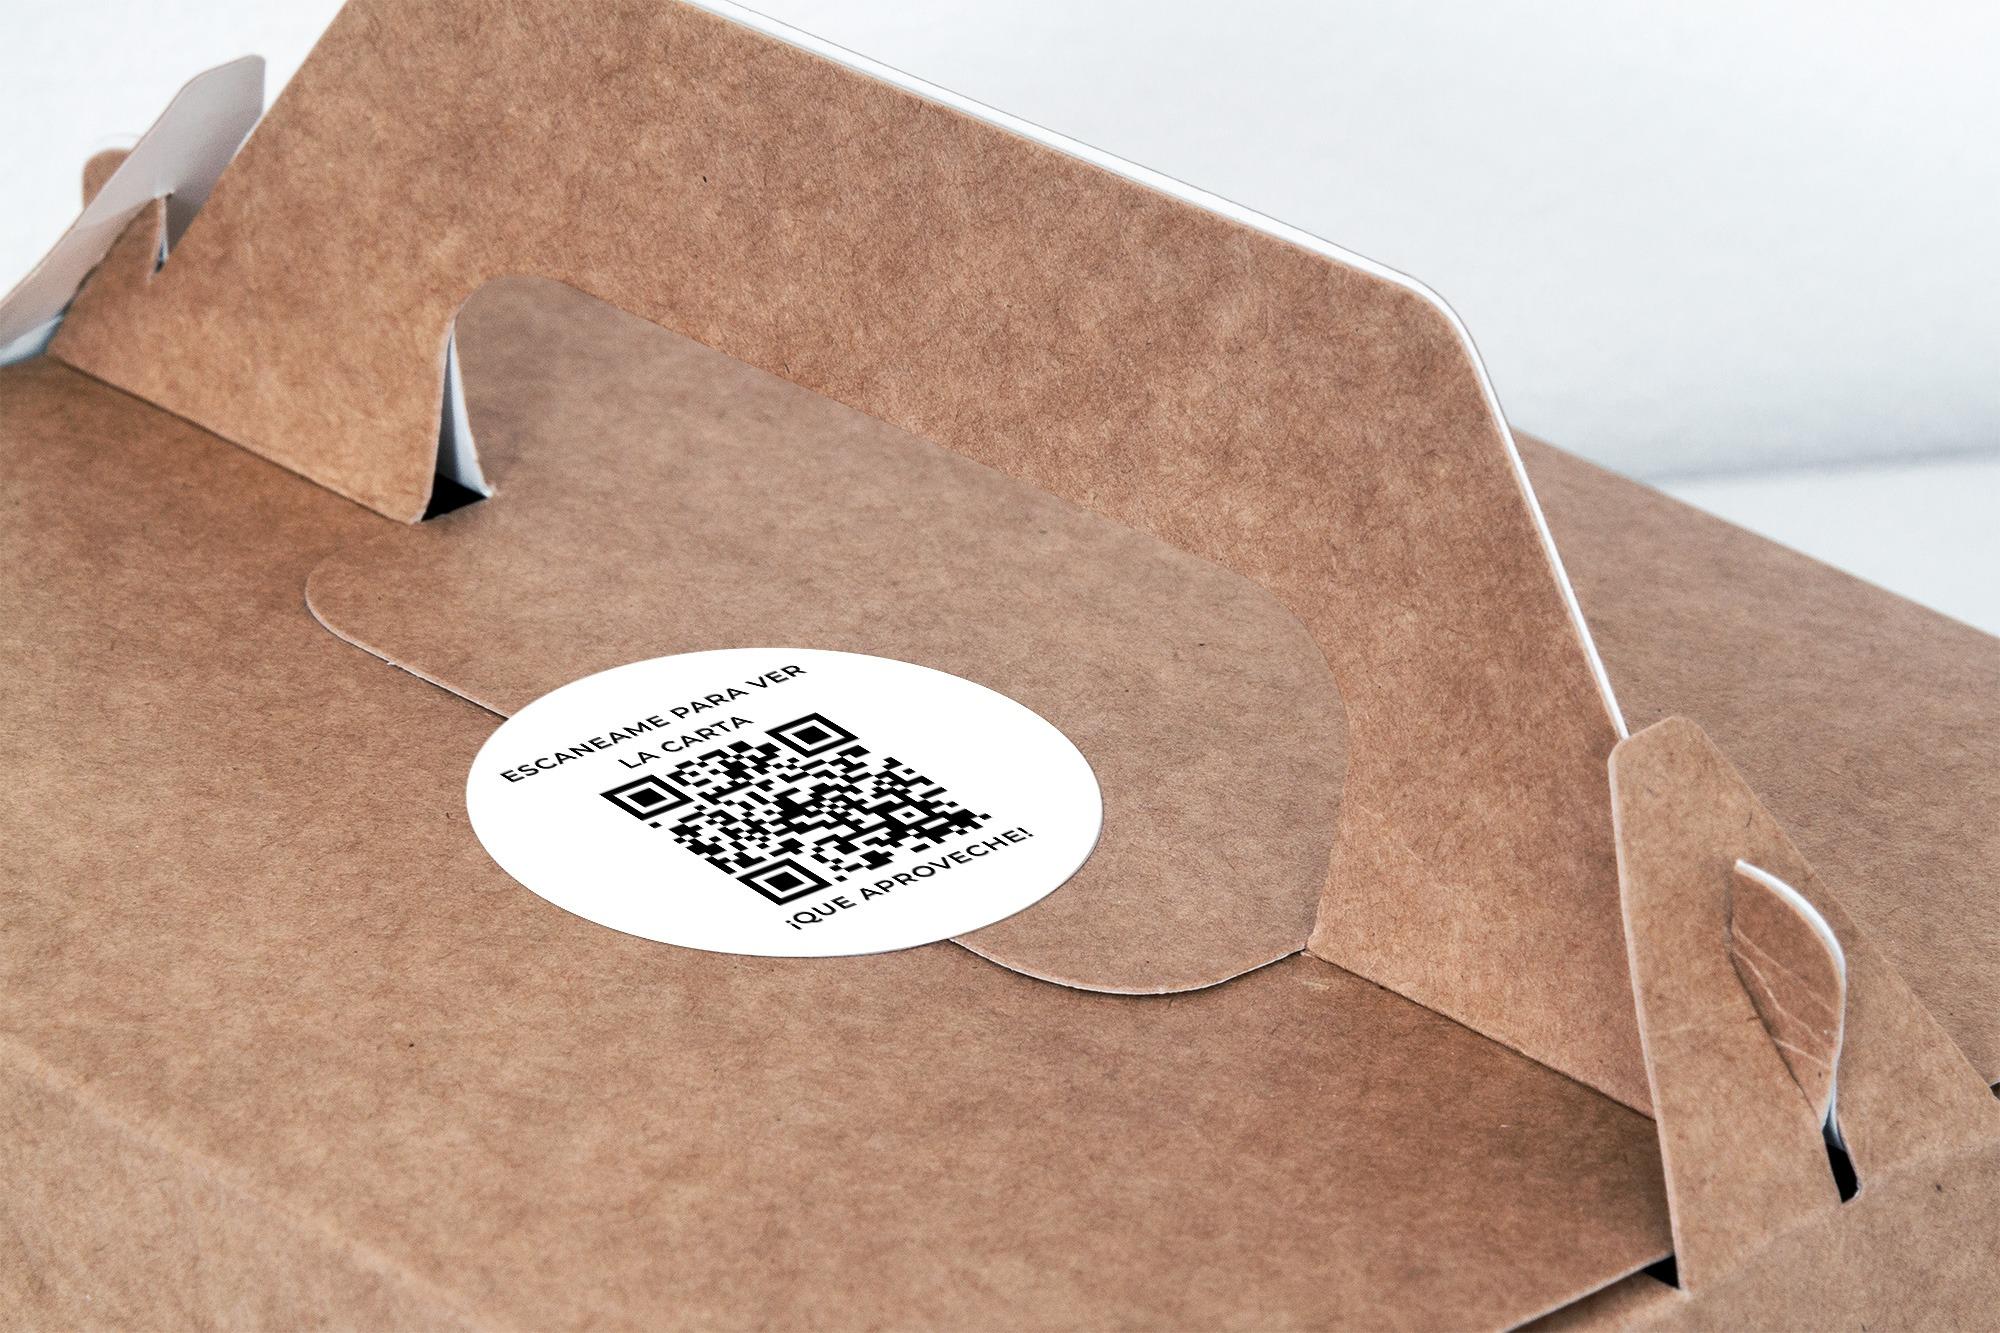 Etiqueta adhesiva para delivery